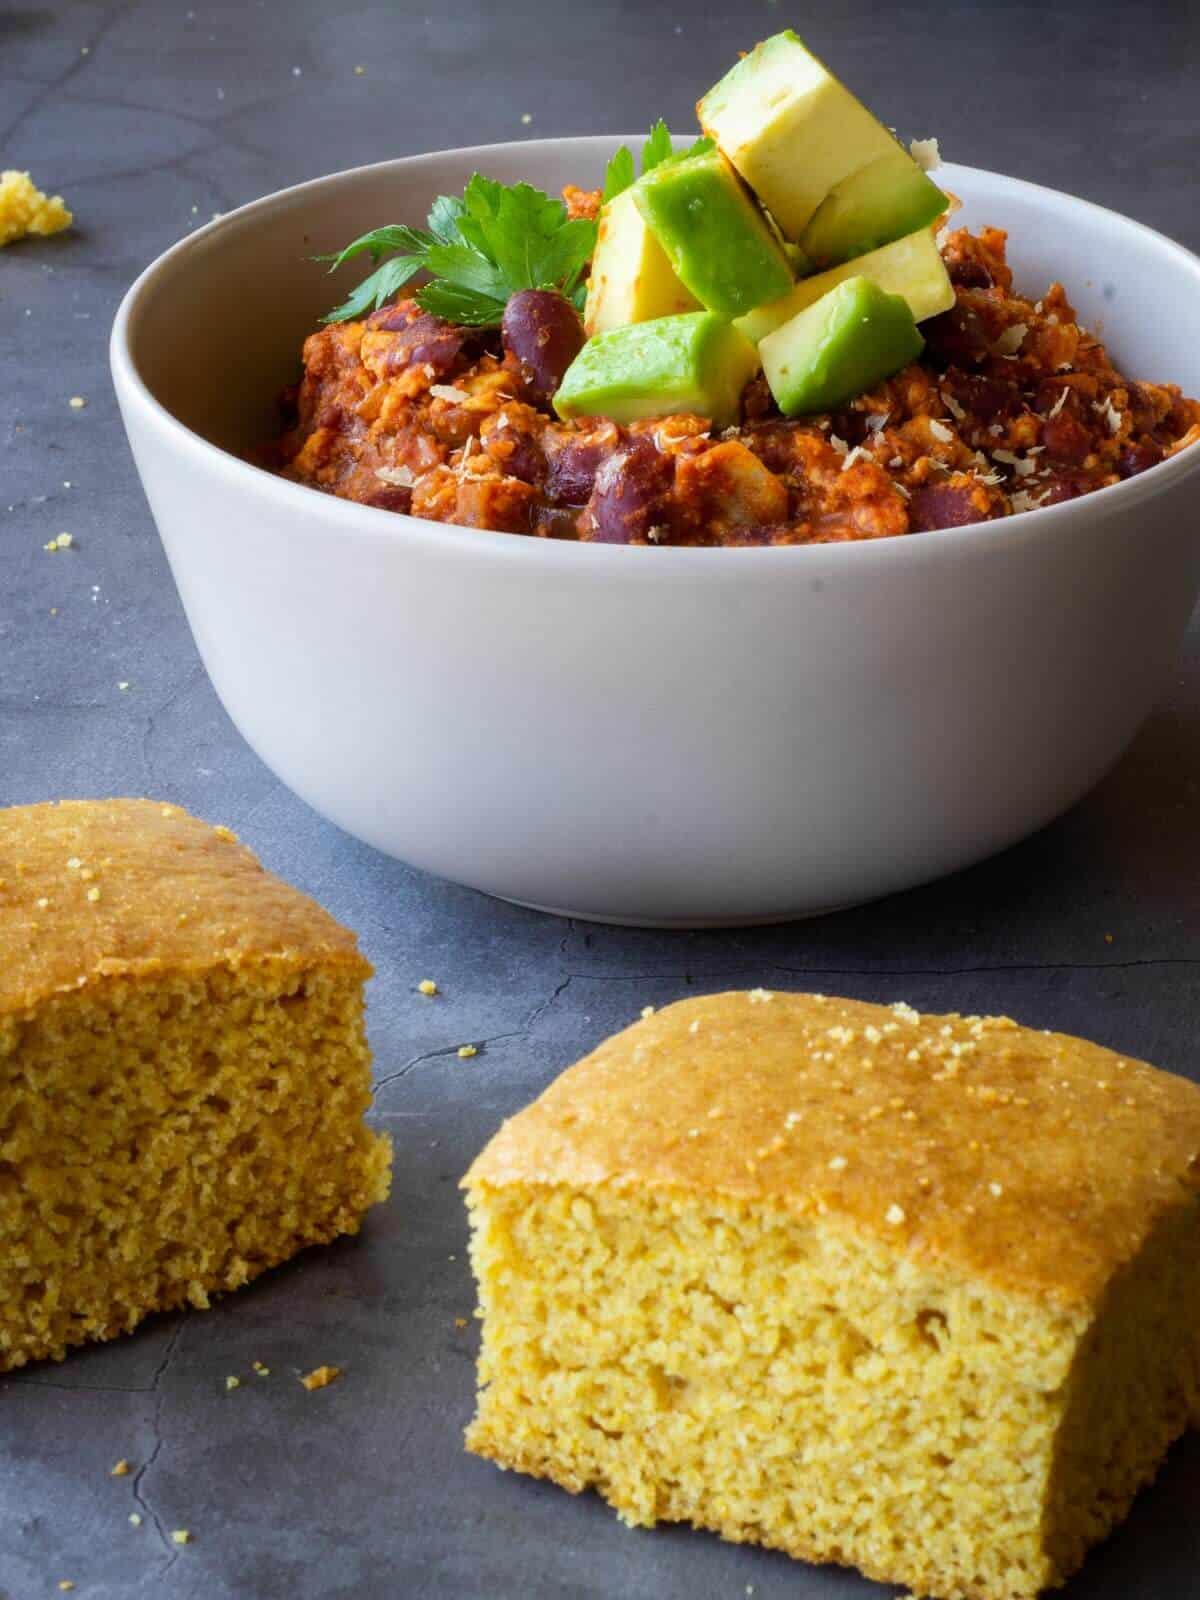 Vegan Buttermilk Gluten-Free Cornbread with Chili and avocado